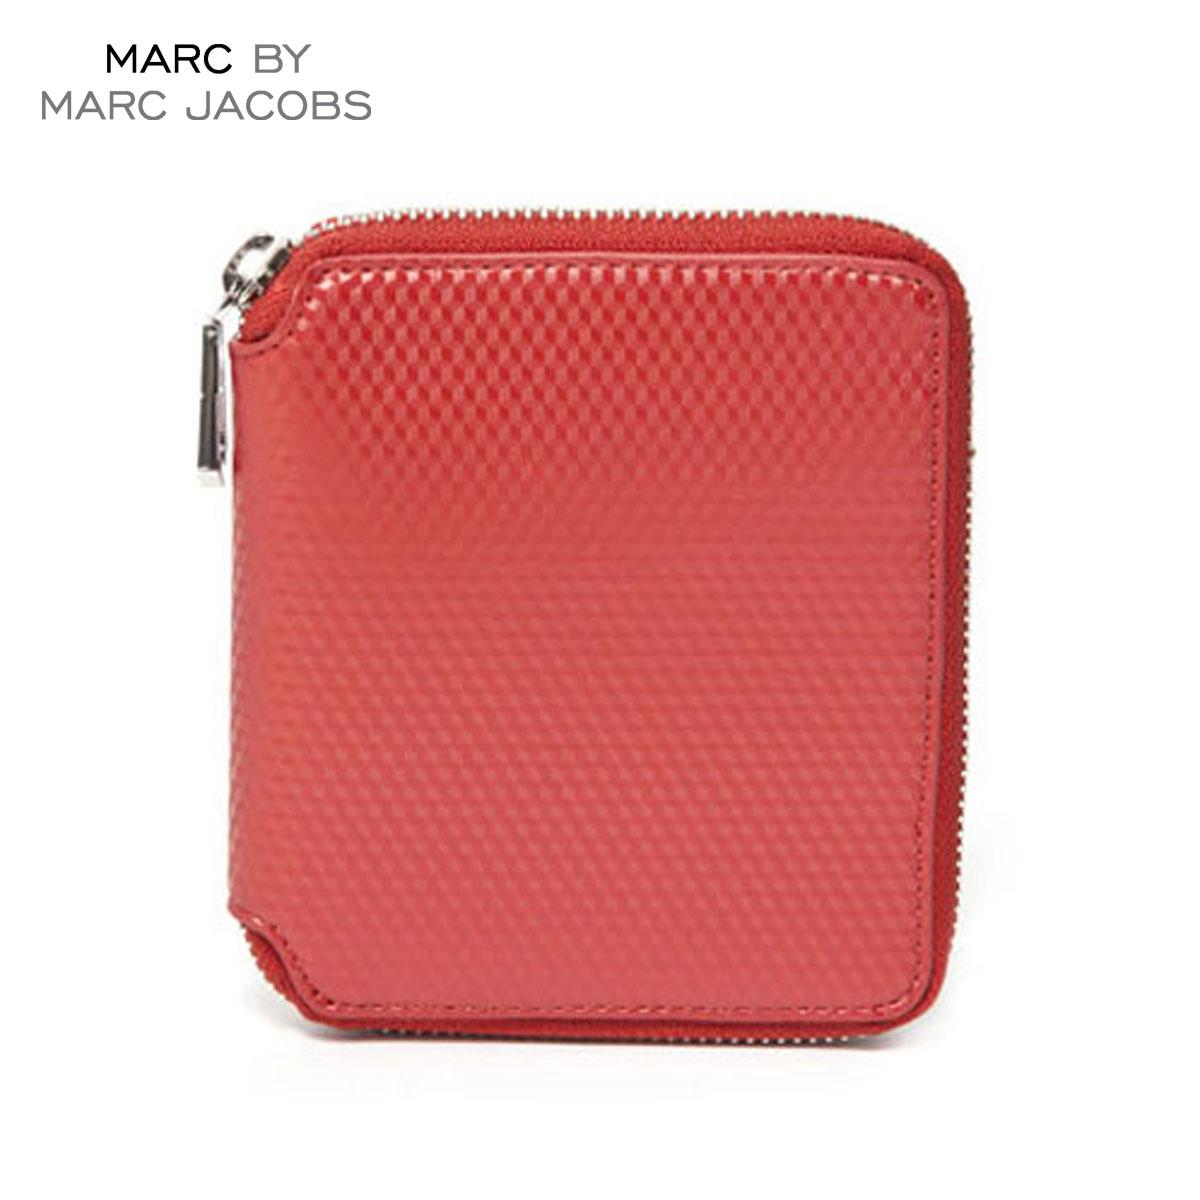 【ポイント10倍 6/4 20:00~6/11 01:59まで】 マークジェイコブス MARCJACOBS 正規品 財布 Cube Zip Wallet 4.5 x5.125 D20S30 父の日